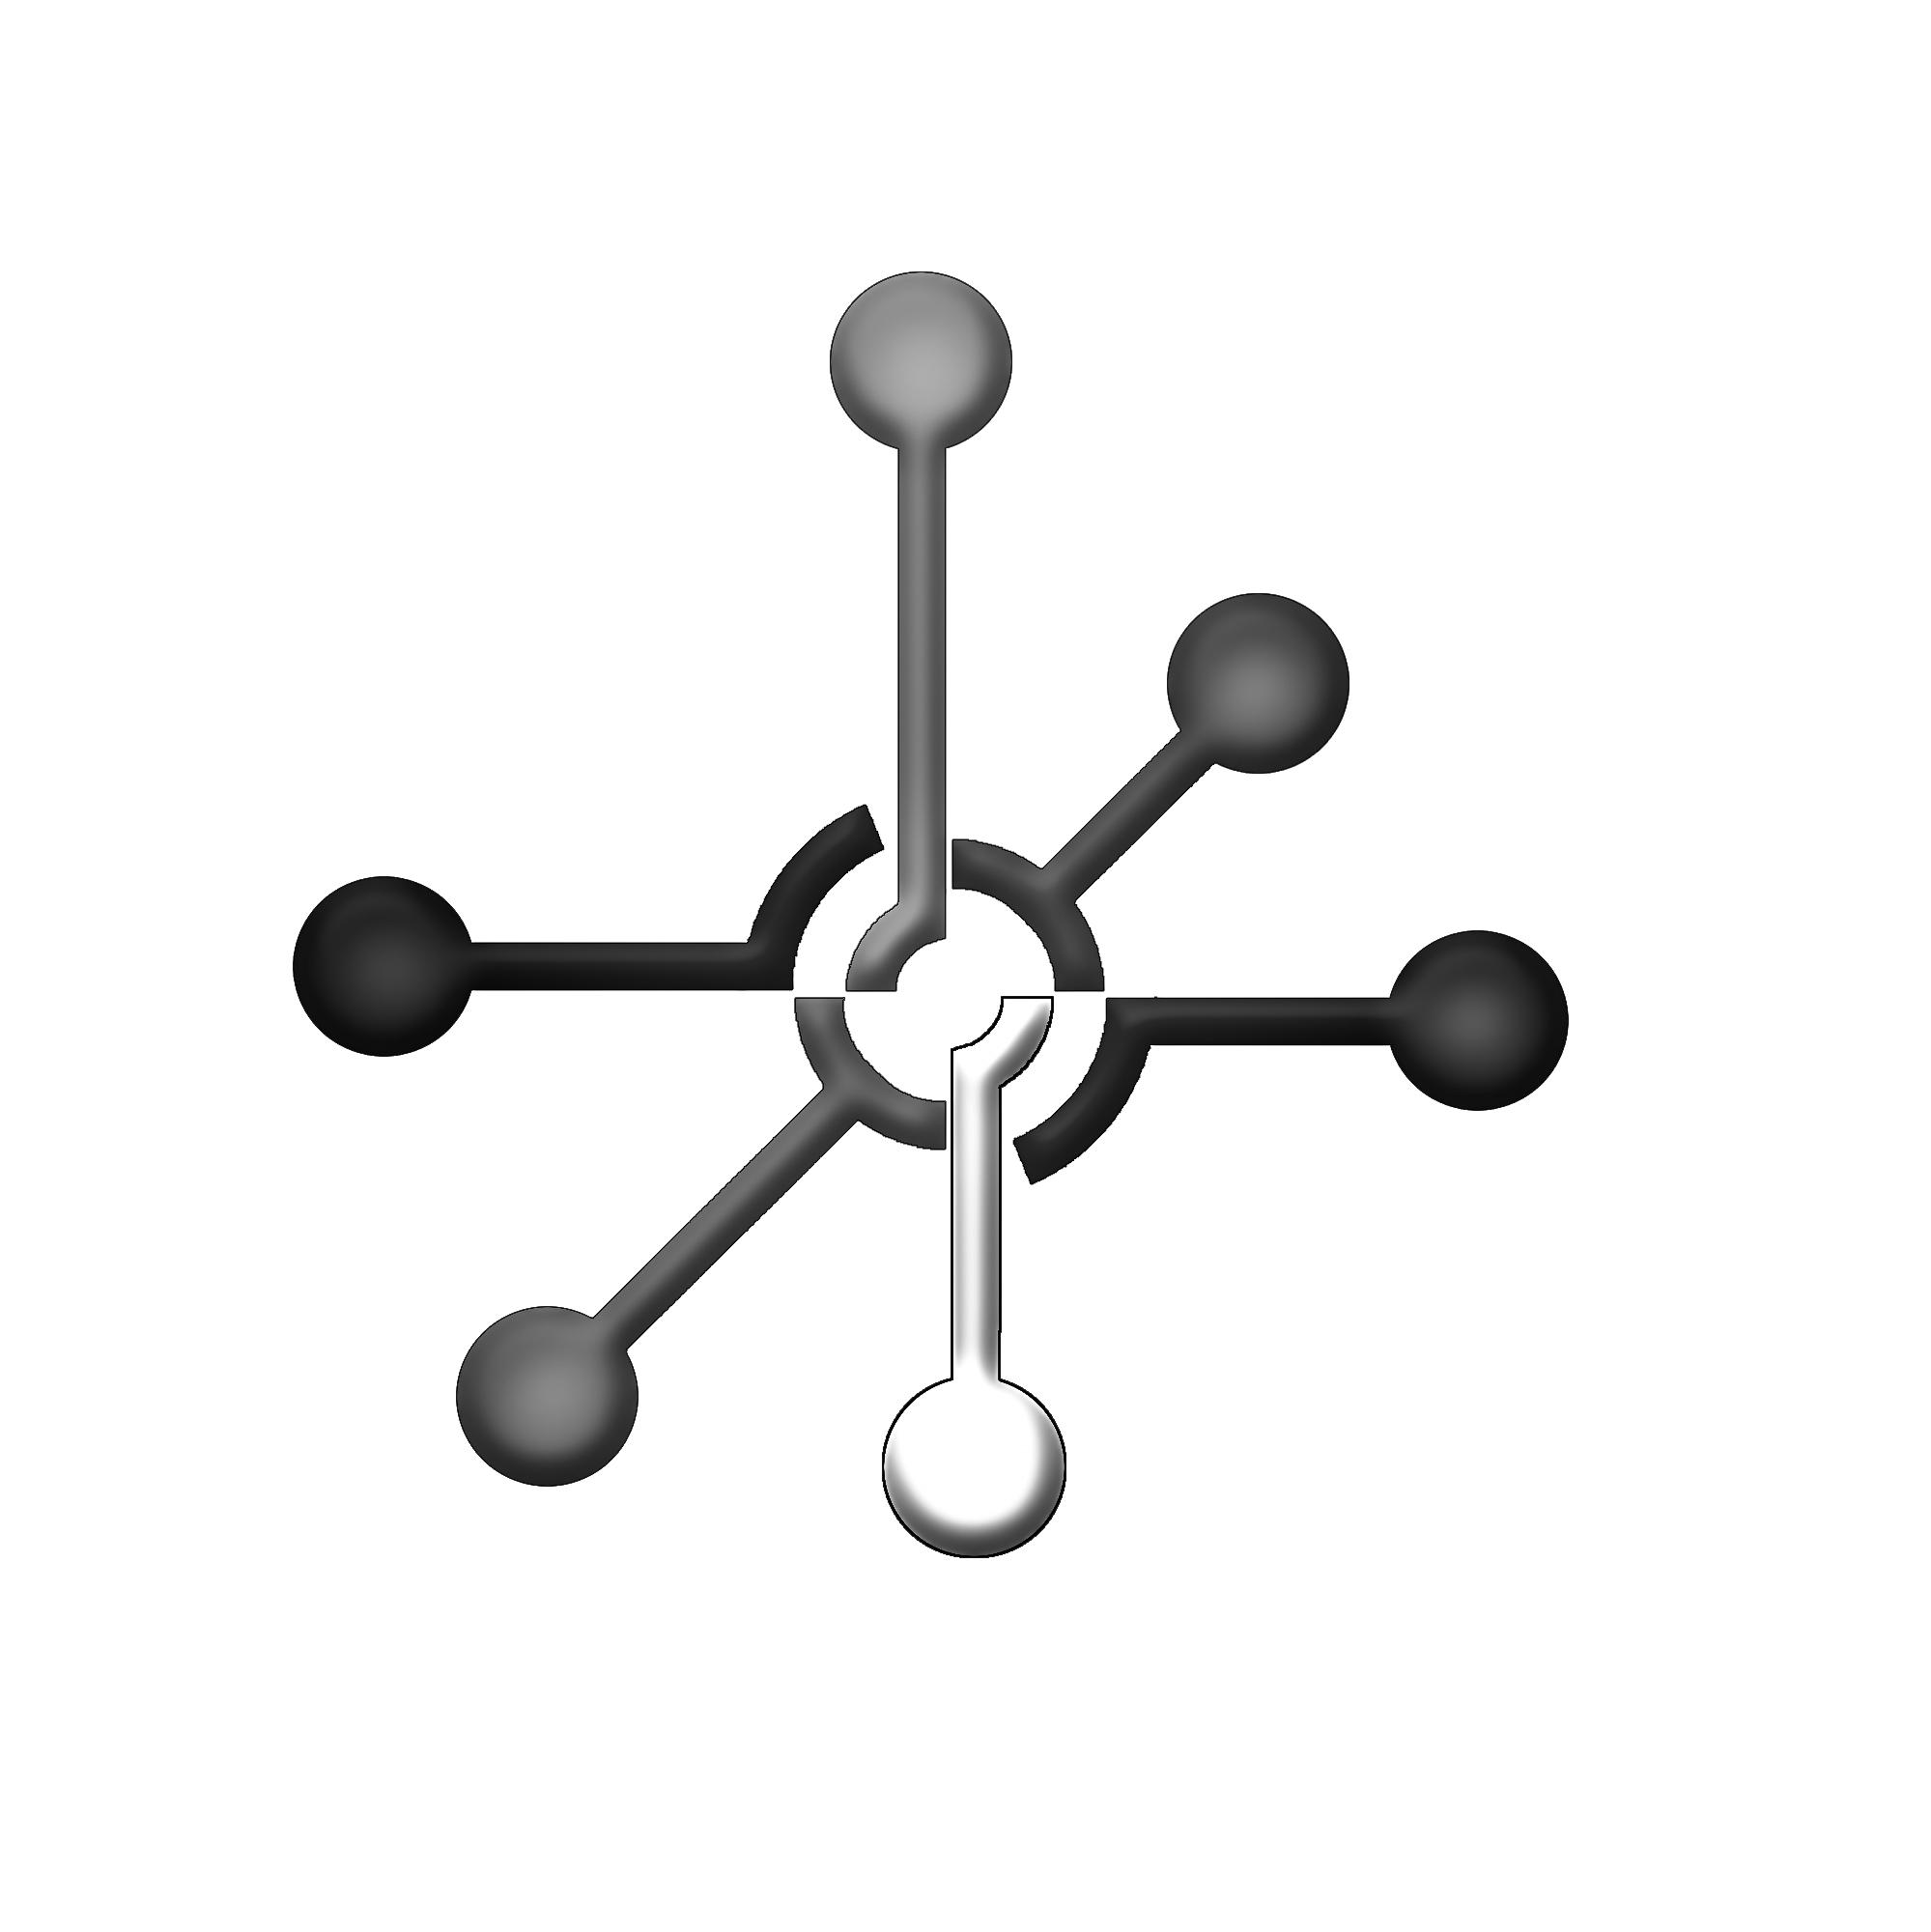 Logo Knutepunkt for recovery (bilde)